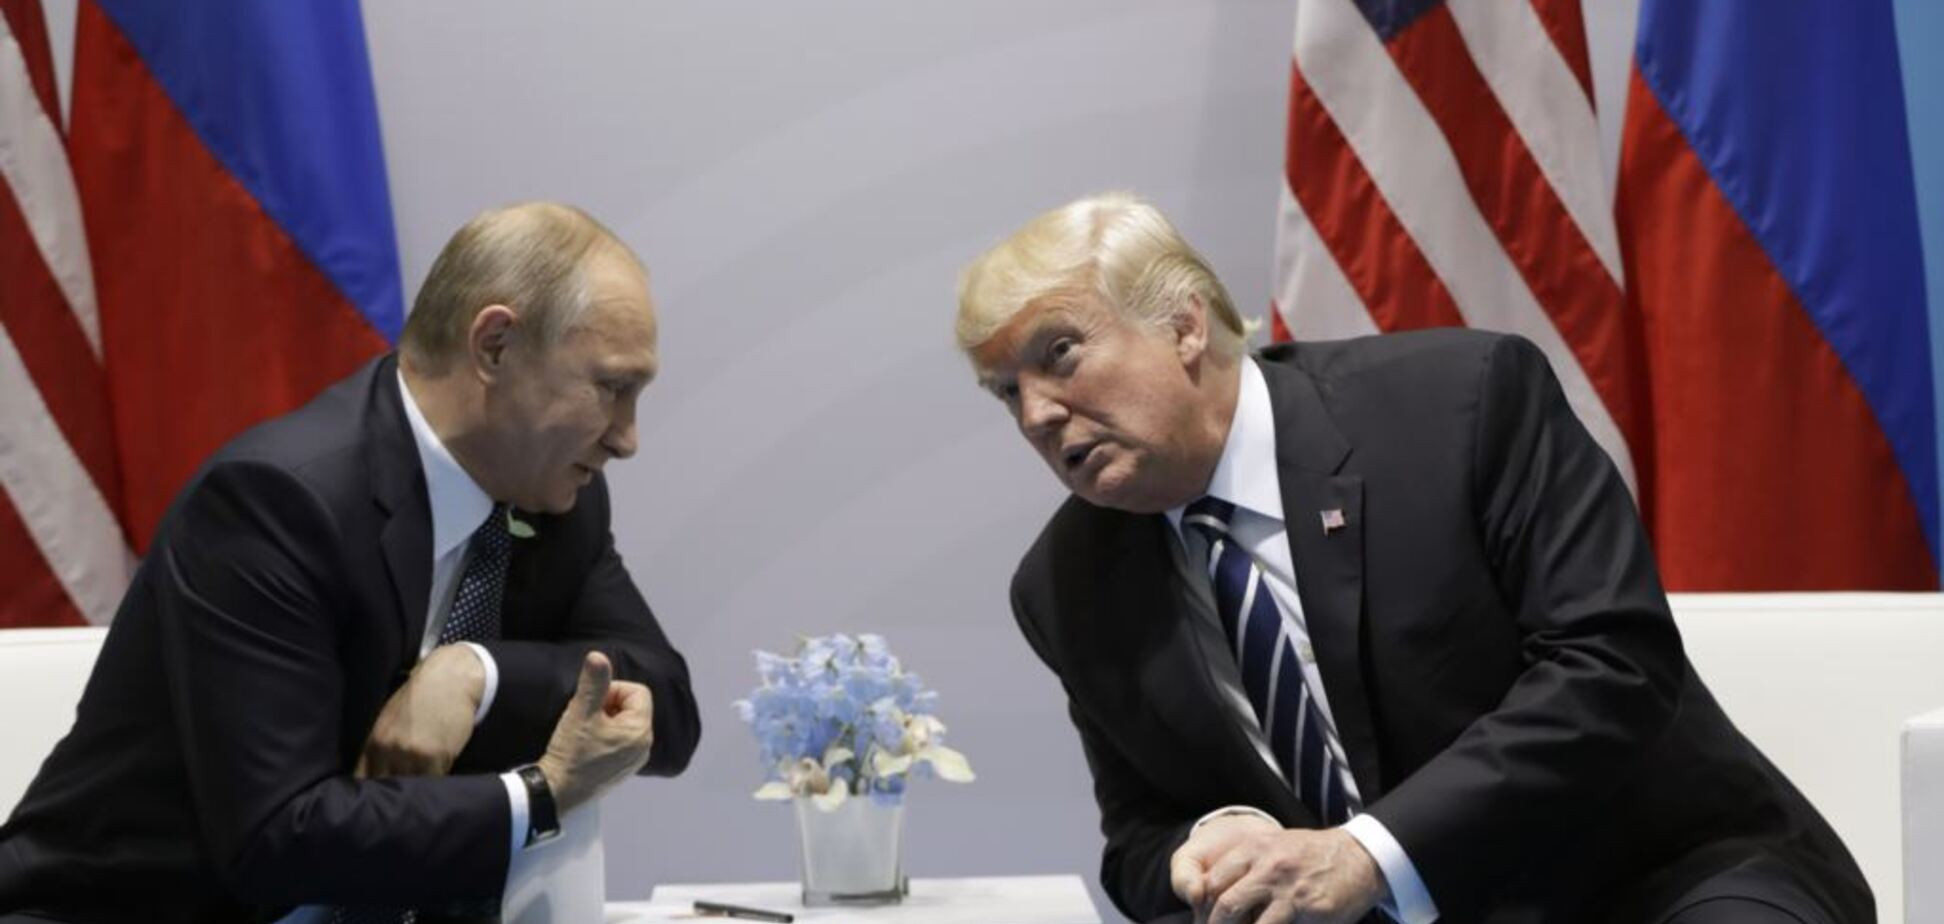 'Кордон відновлять': Голишев пояснив, як США будуть дотискати Кремль